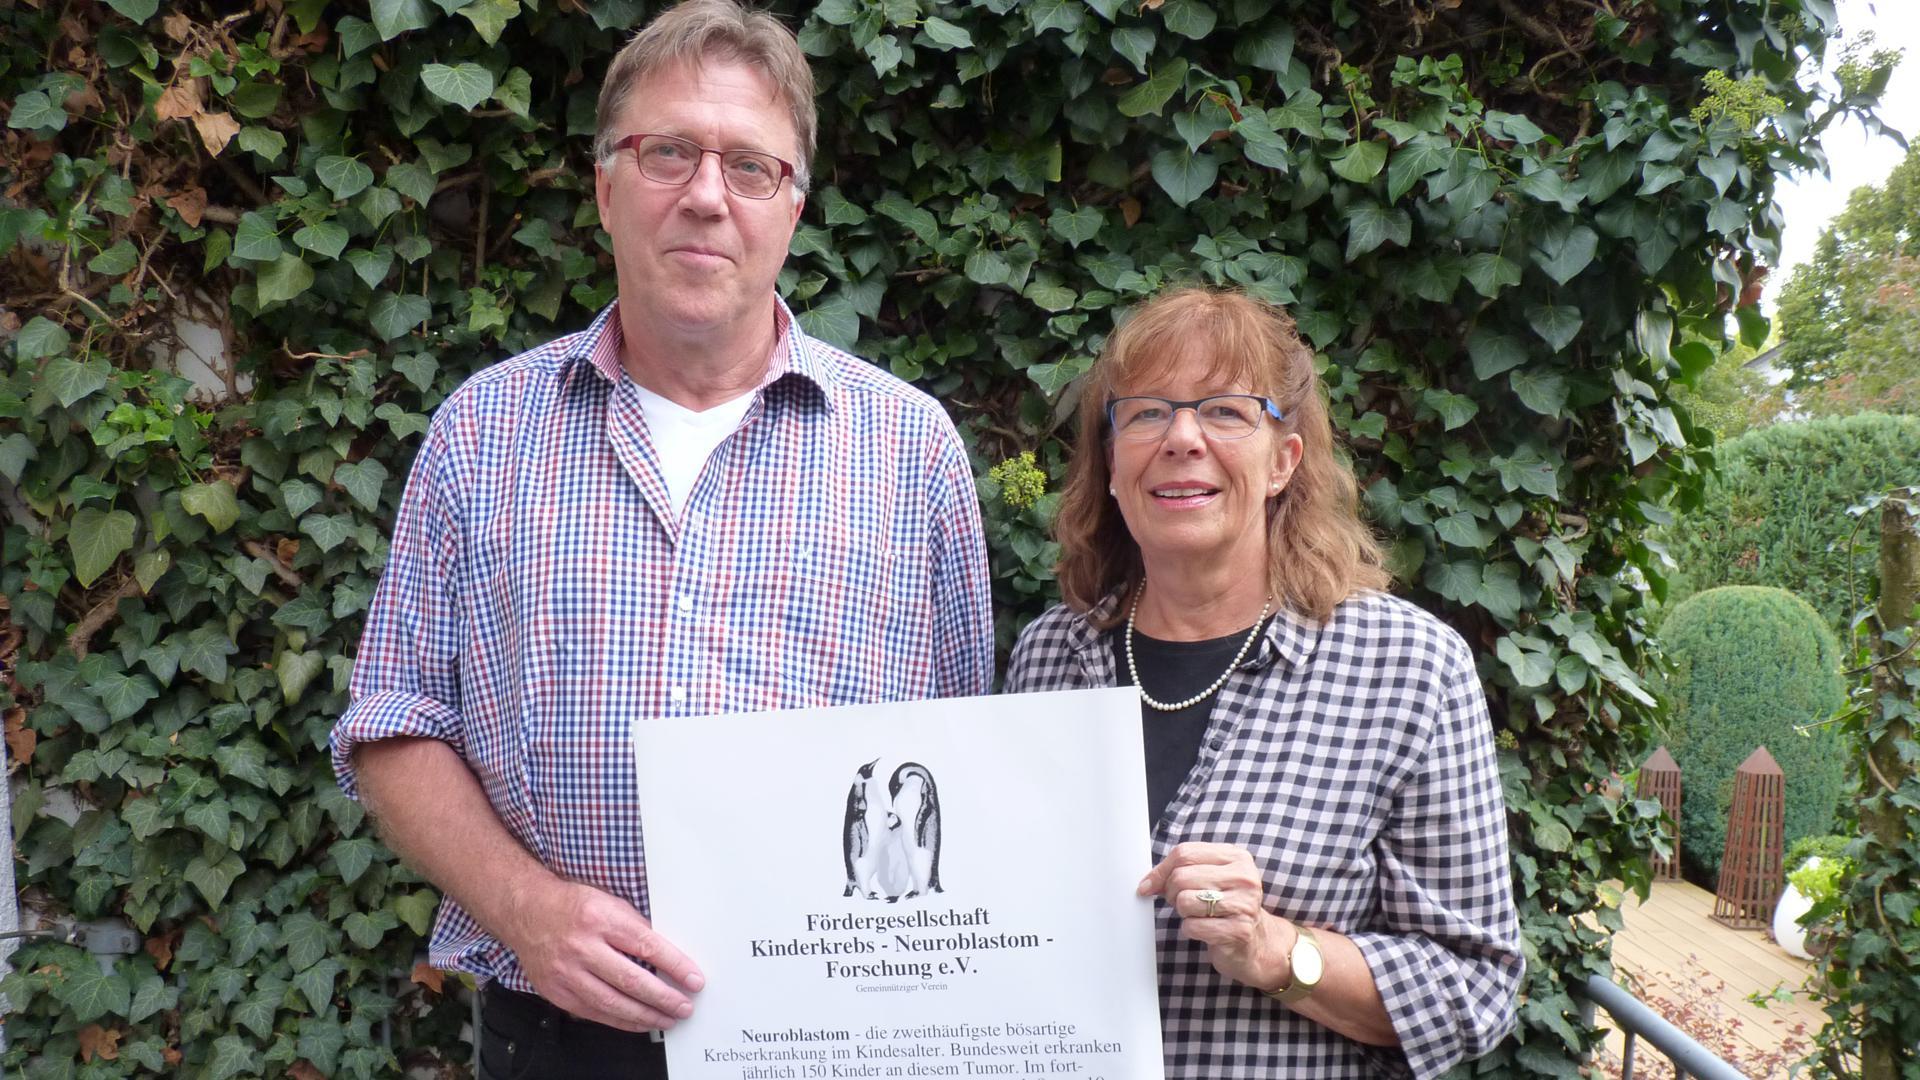 Das Ehepaar Markus und Ulrike Schuster präsentiert ein Plakat.